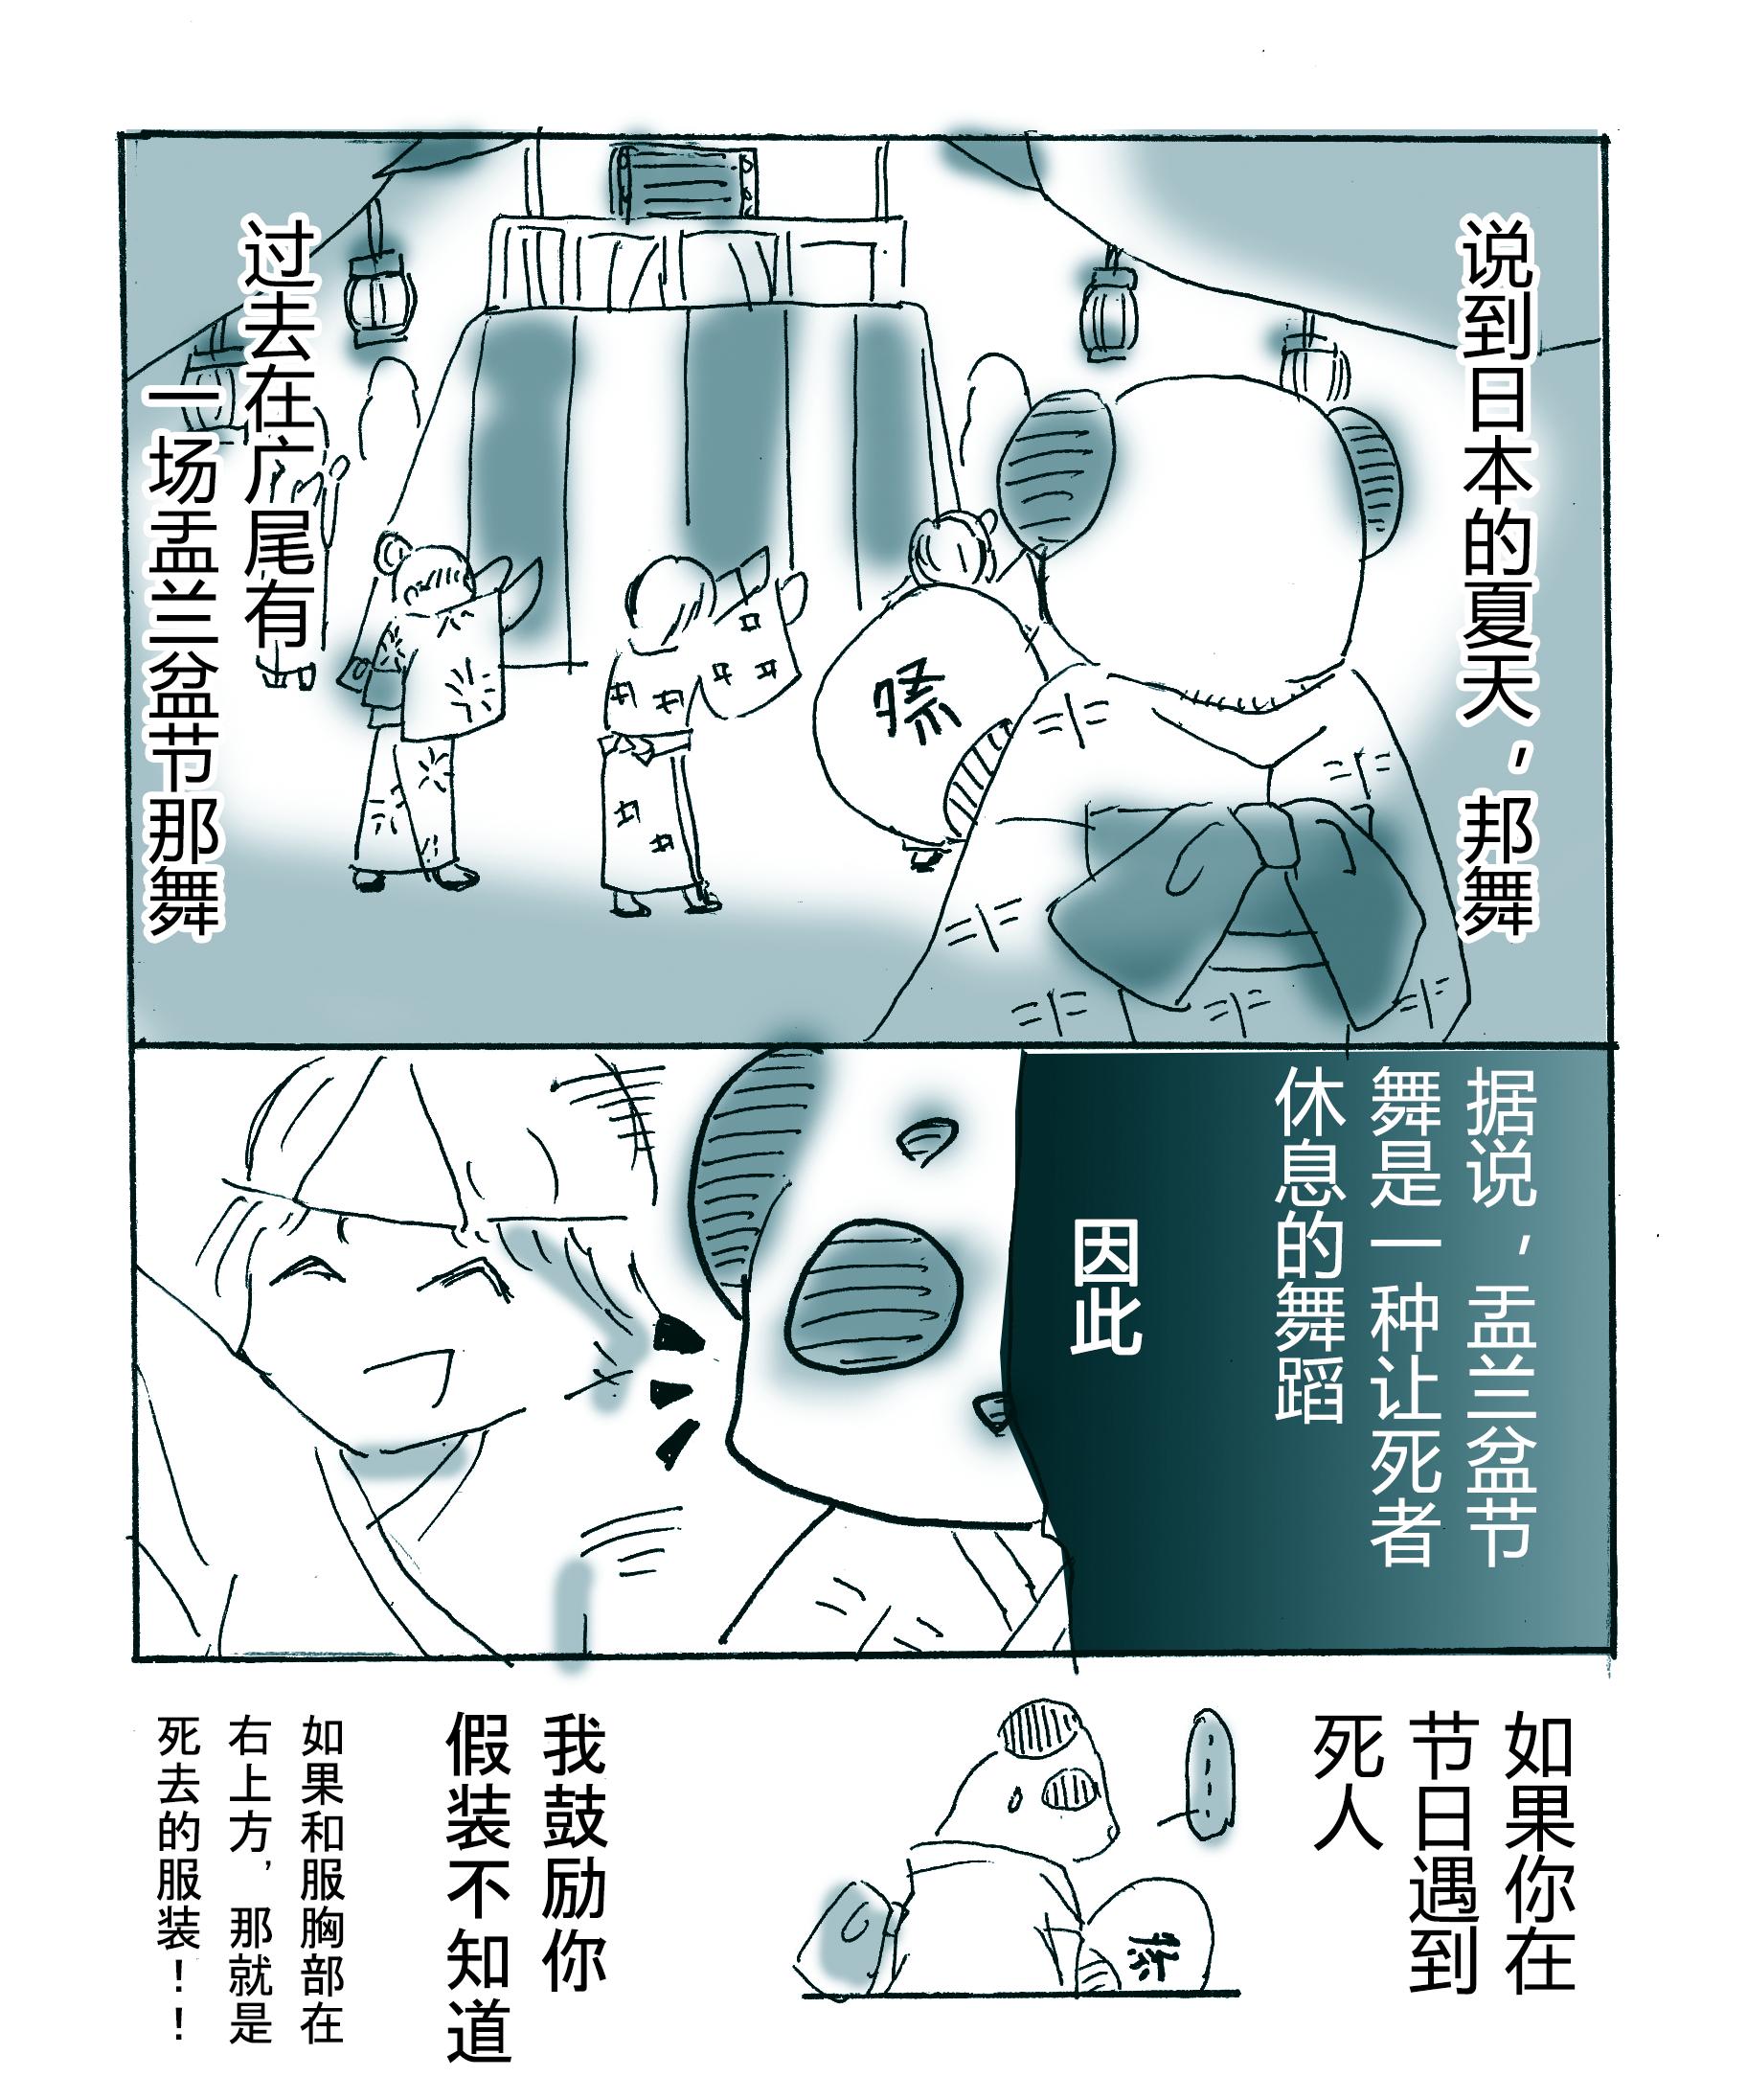 日本邦舞,盆踊